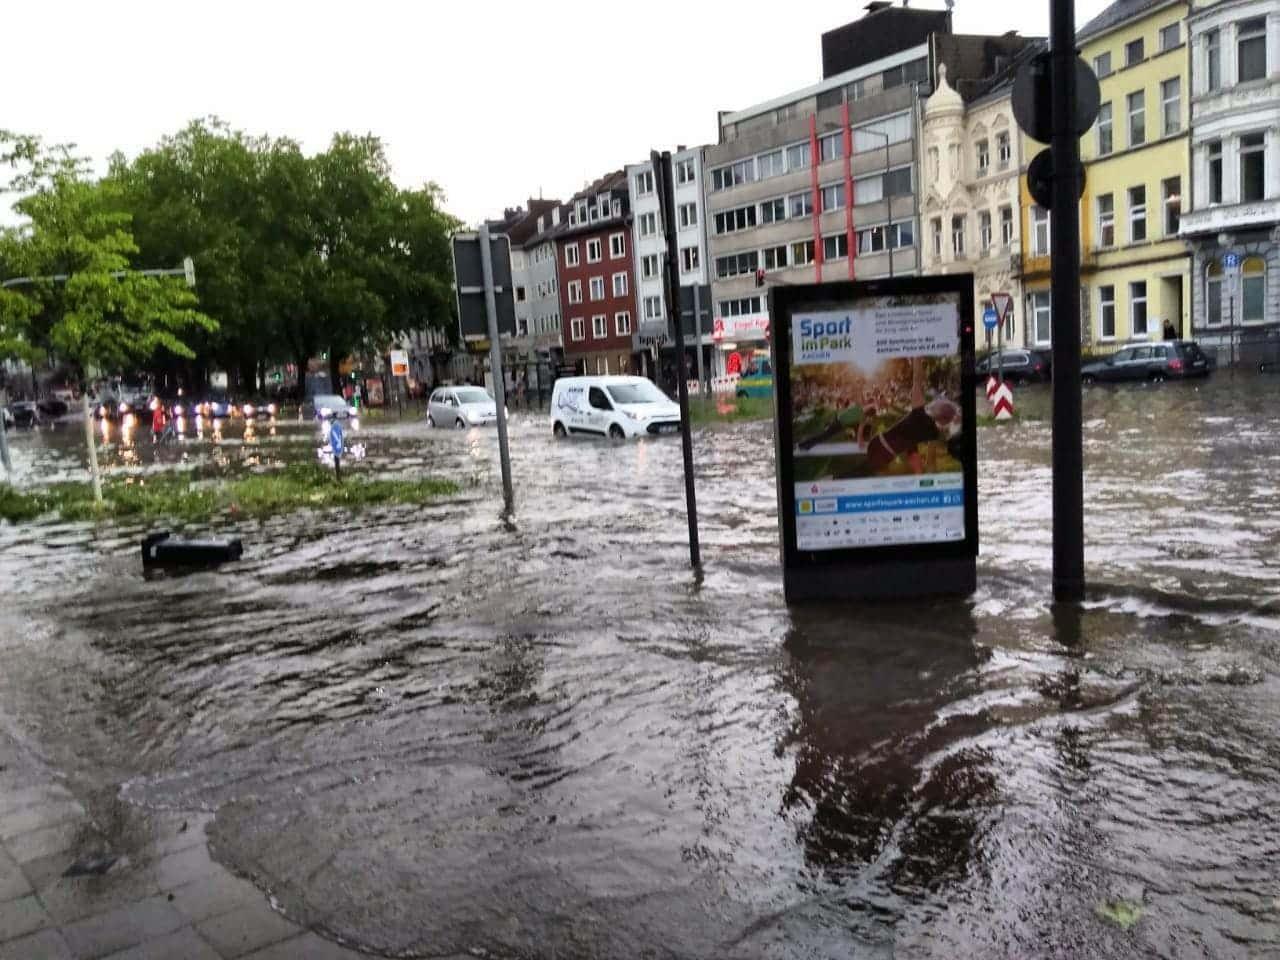 <p>Dieses Bild zeigt Aachen am Dienstagabend.</p> Foto: privat